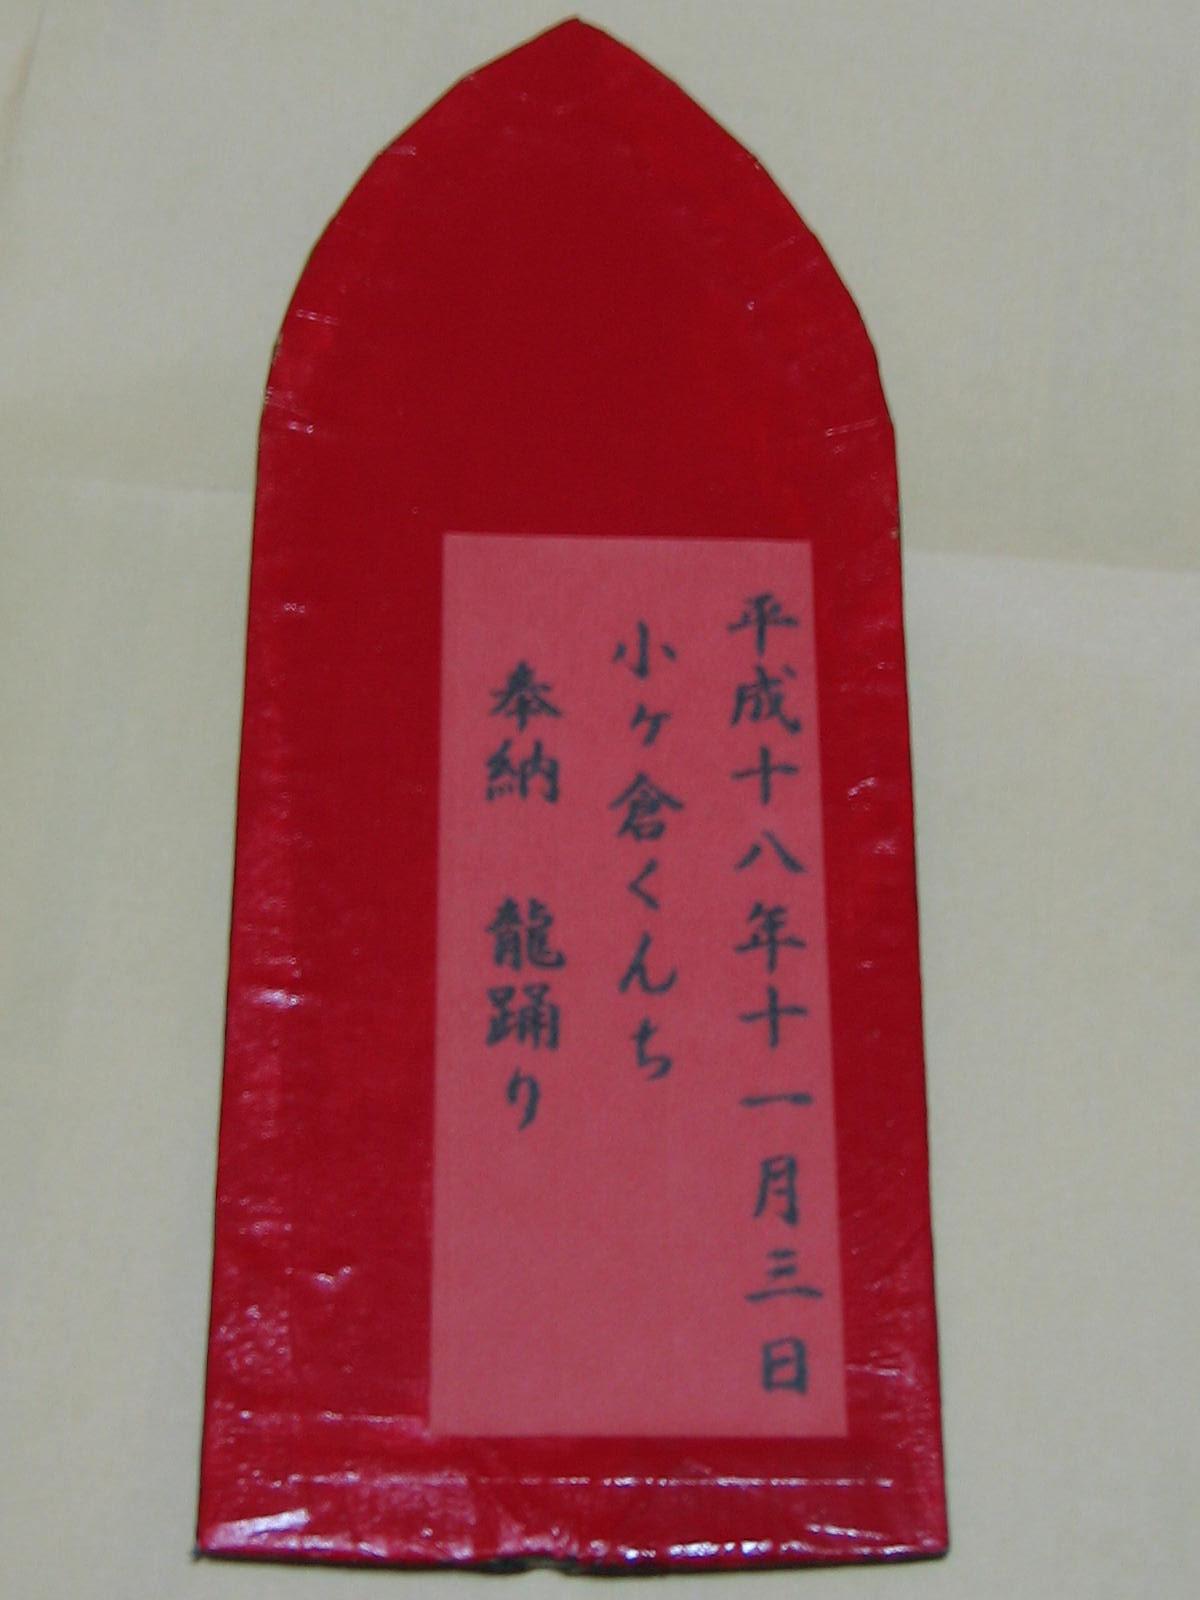 2006小ヶ倉くんち龍踊りのうろこ(裏)